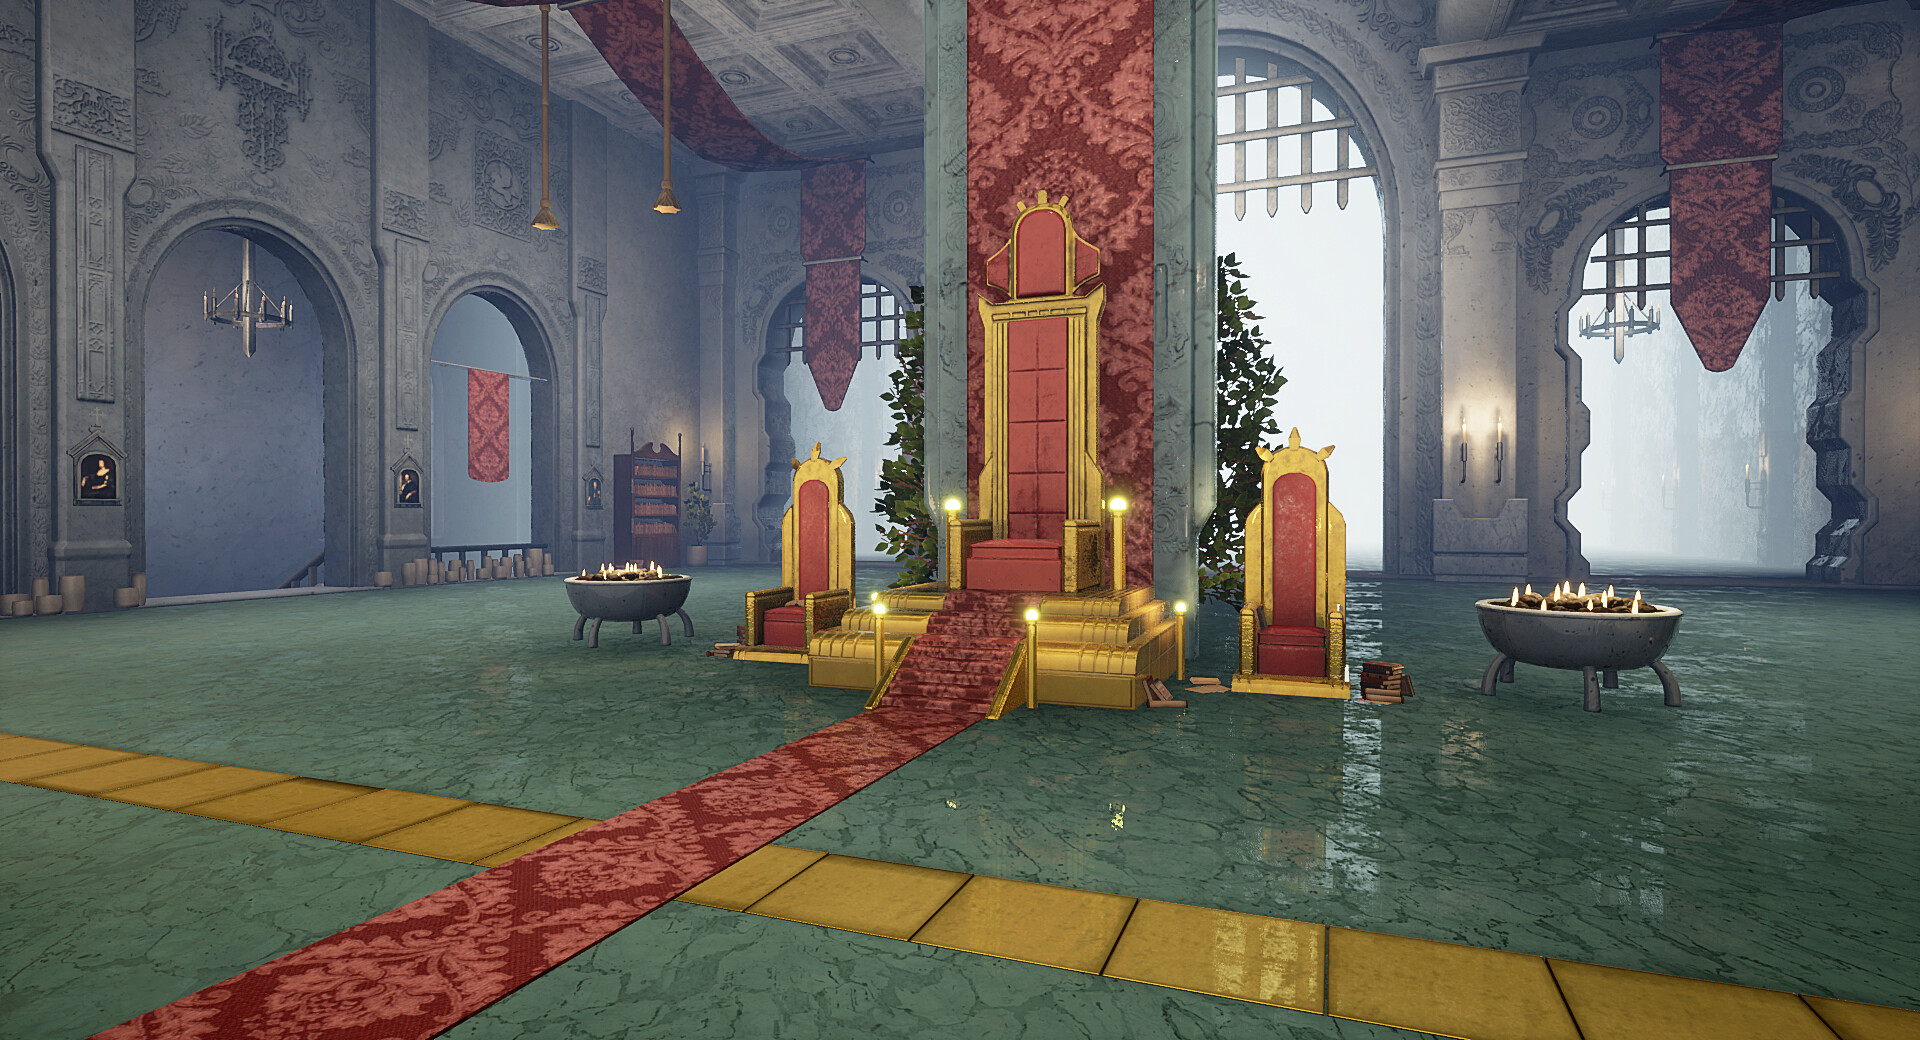 Axel loreman thronecloseup